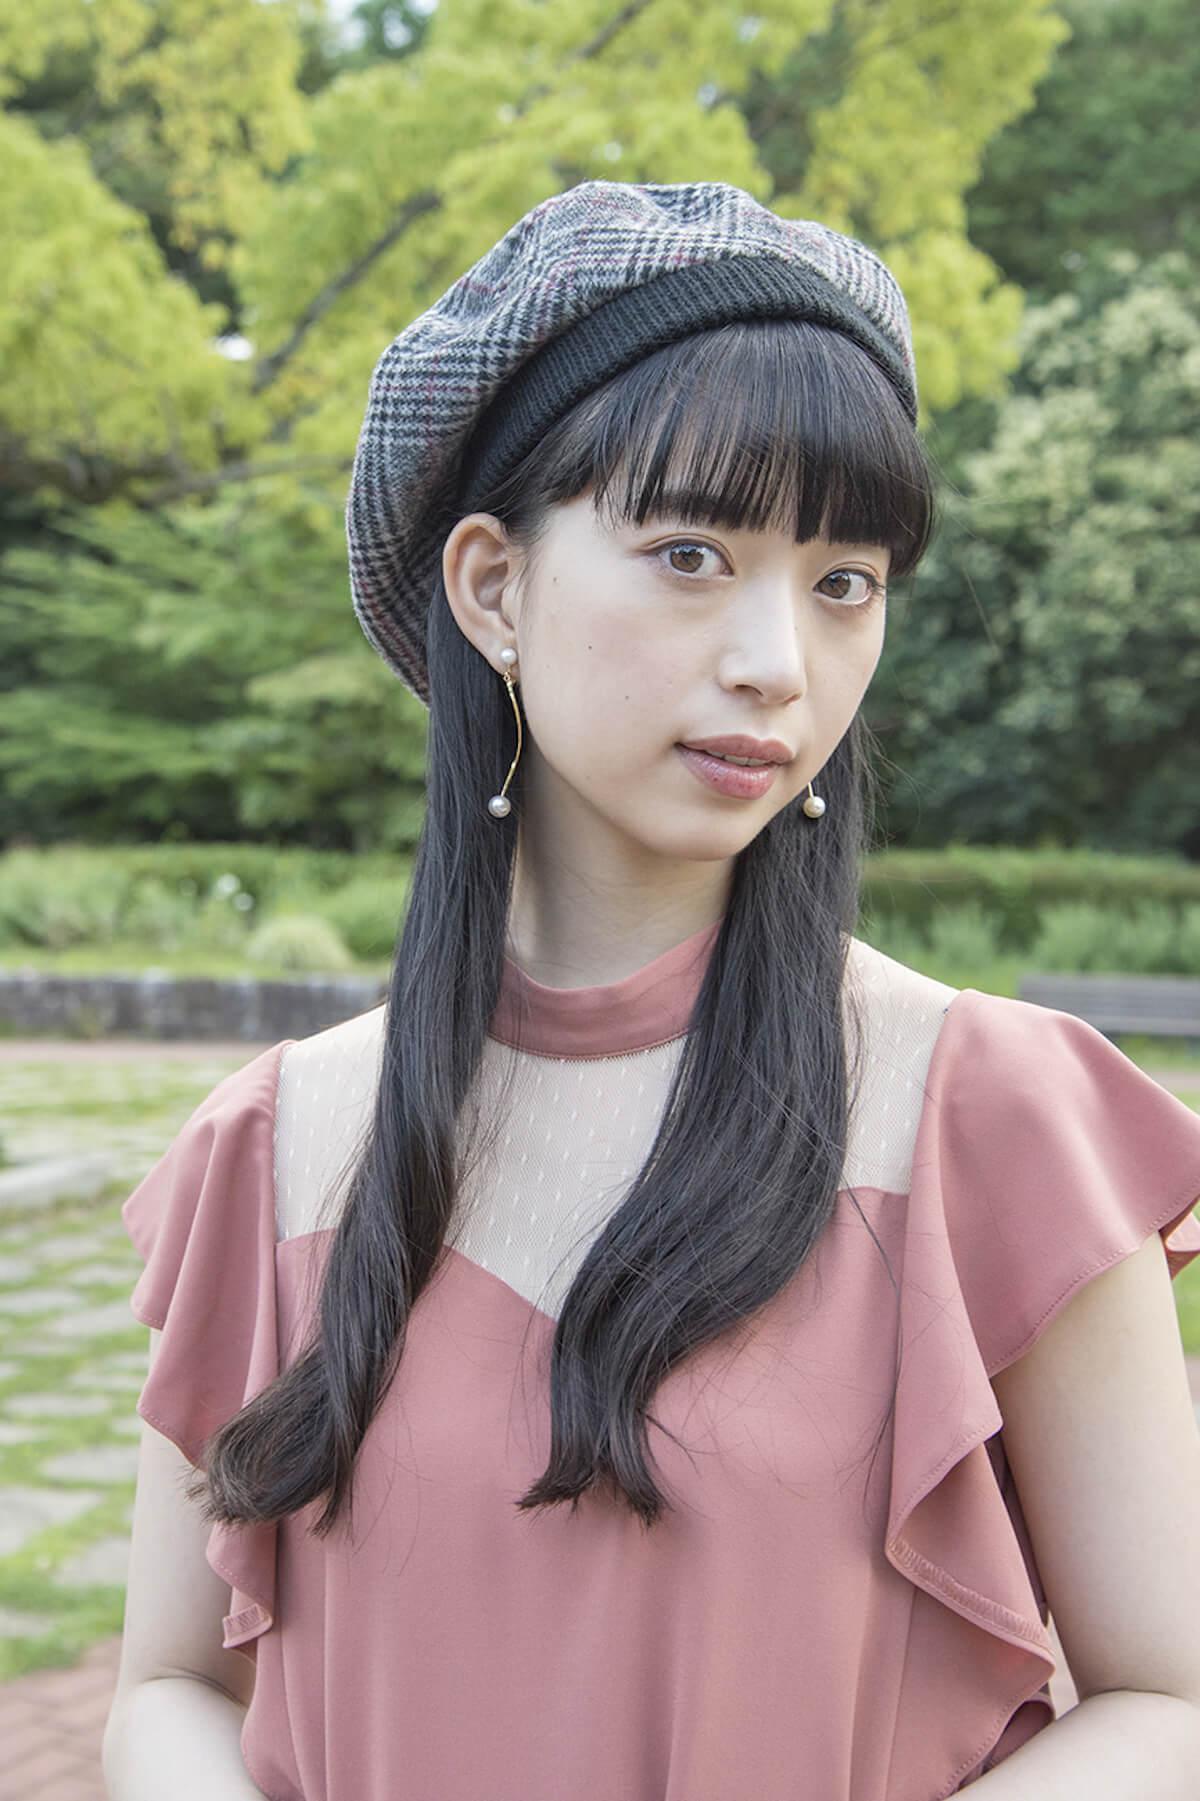 鈴木仁 (俳優)の画像 p1_15